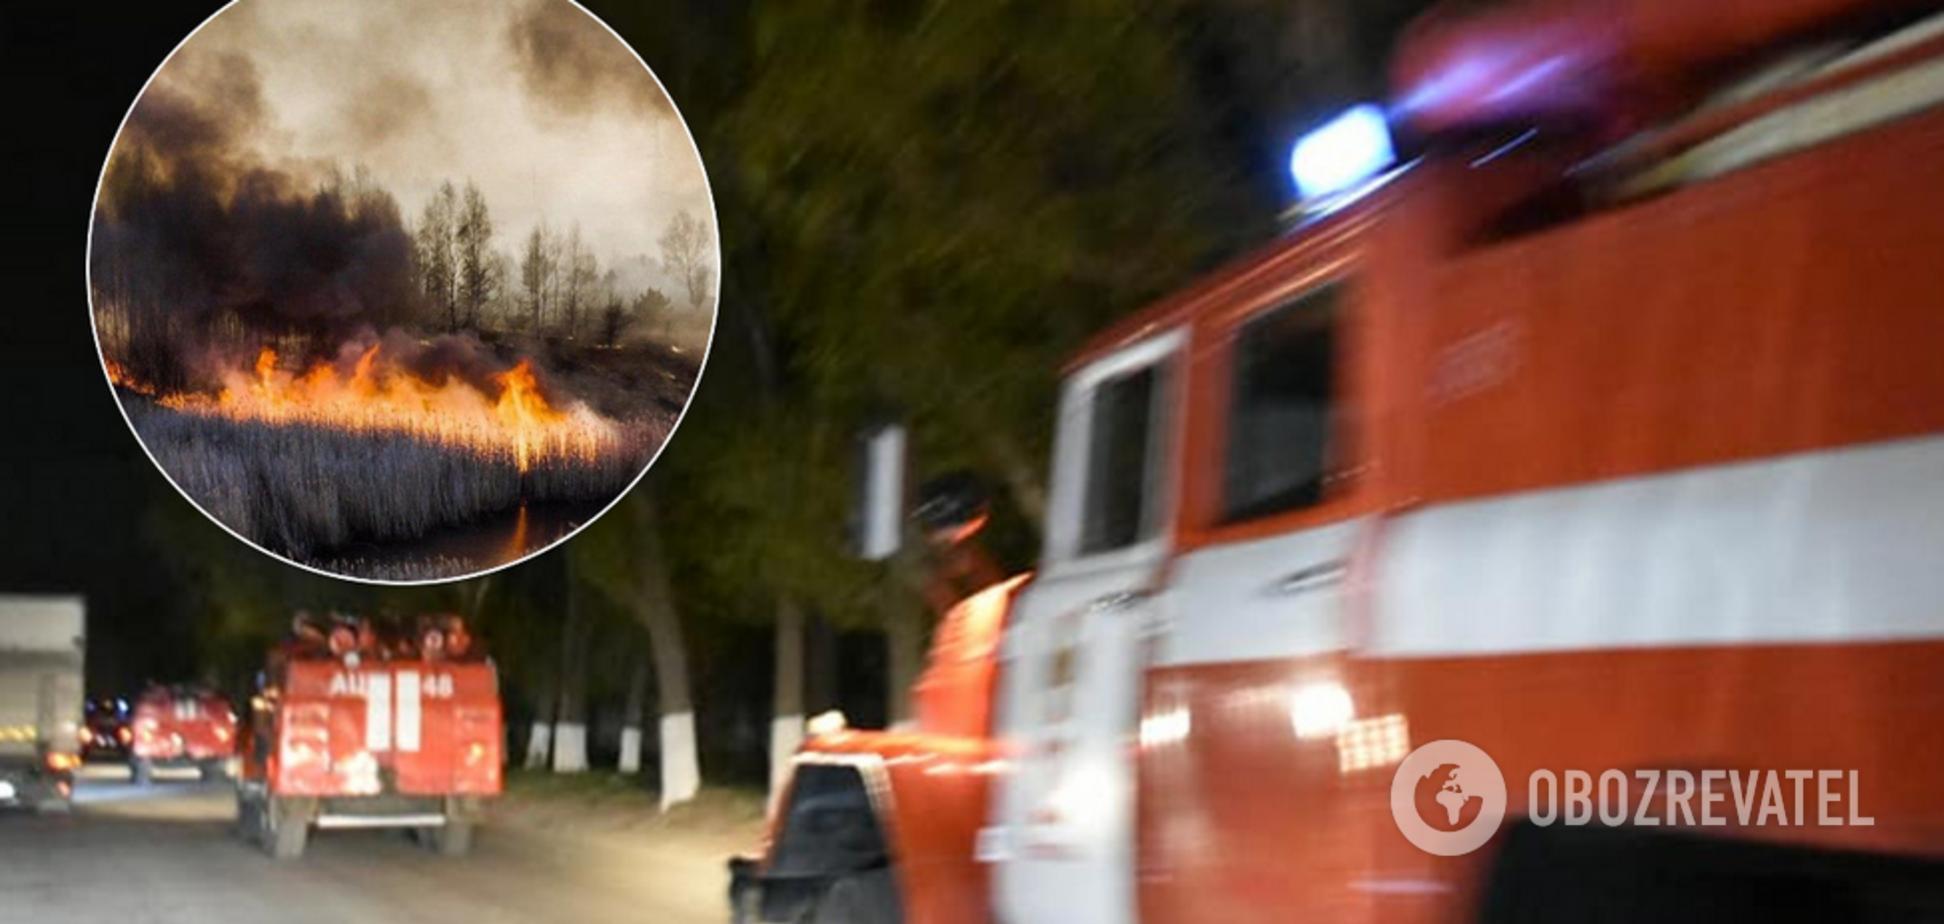 Рятувальники з Дніпропетровщини вирушили в Чорнобиль для ліквідації катастрофи. Фото